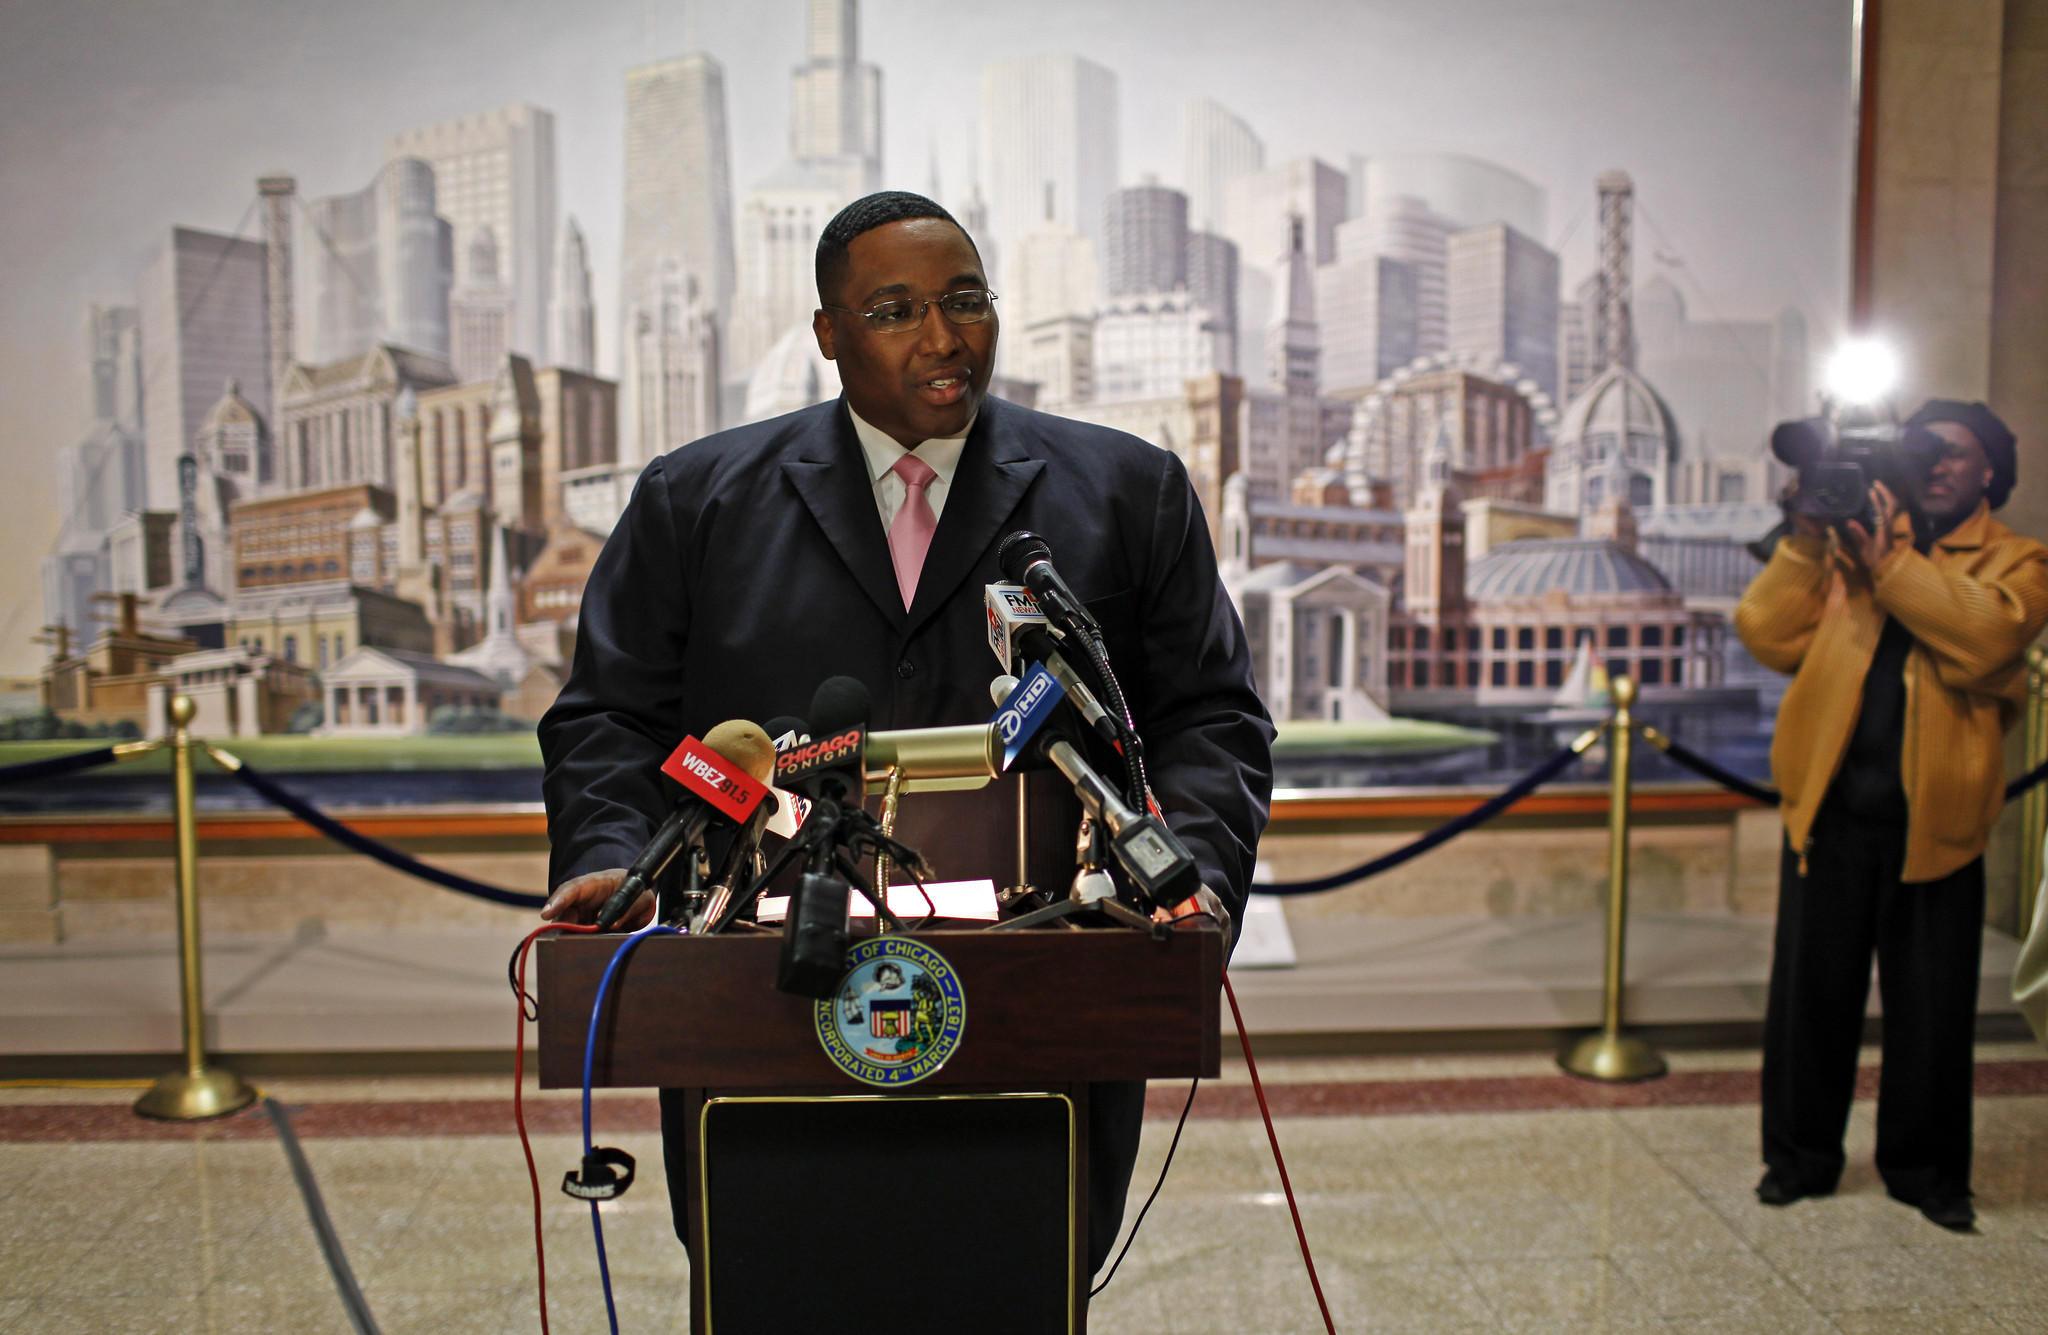 Chicago Ald. Jason Ervin speaks during a press conference on April 10, 2012.